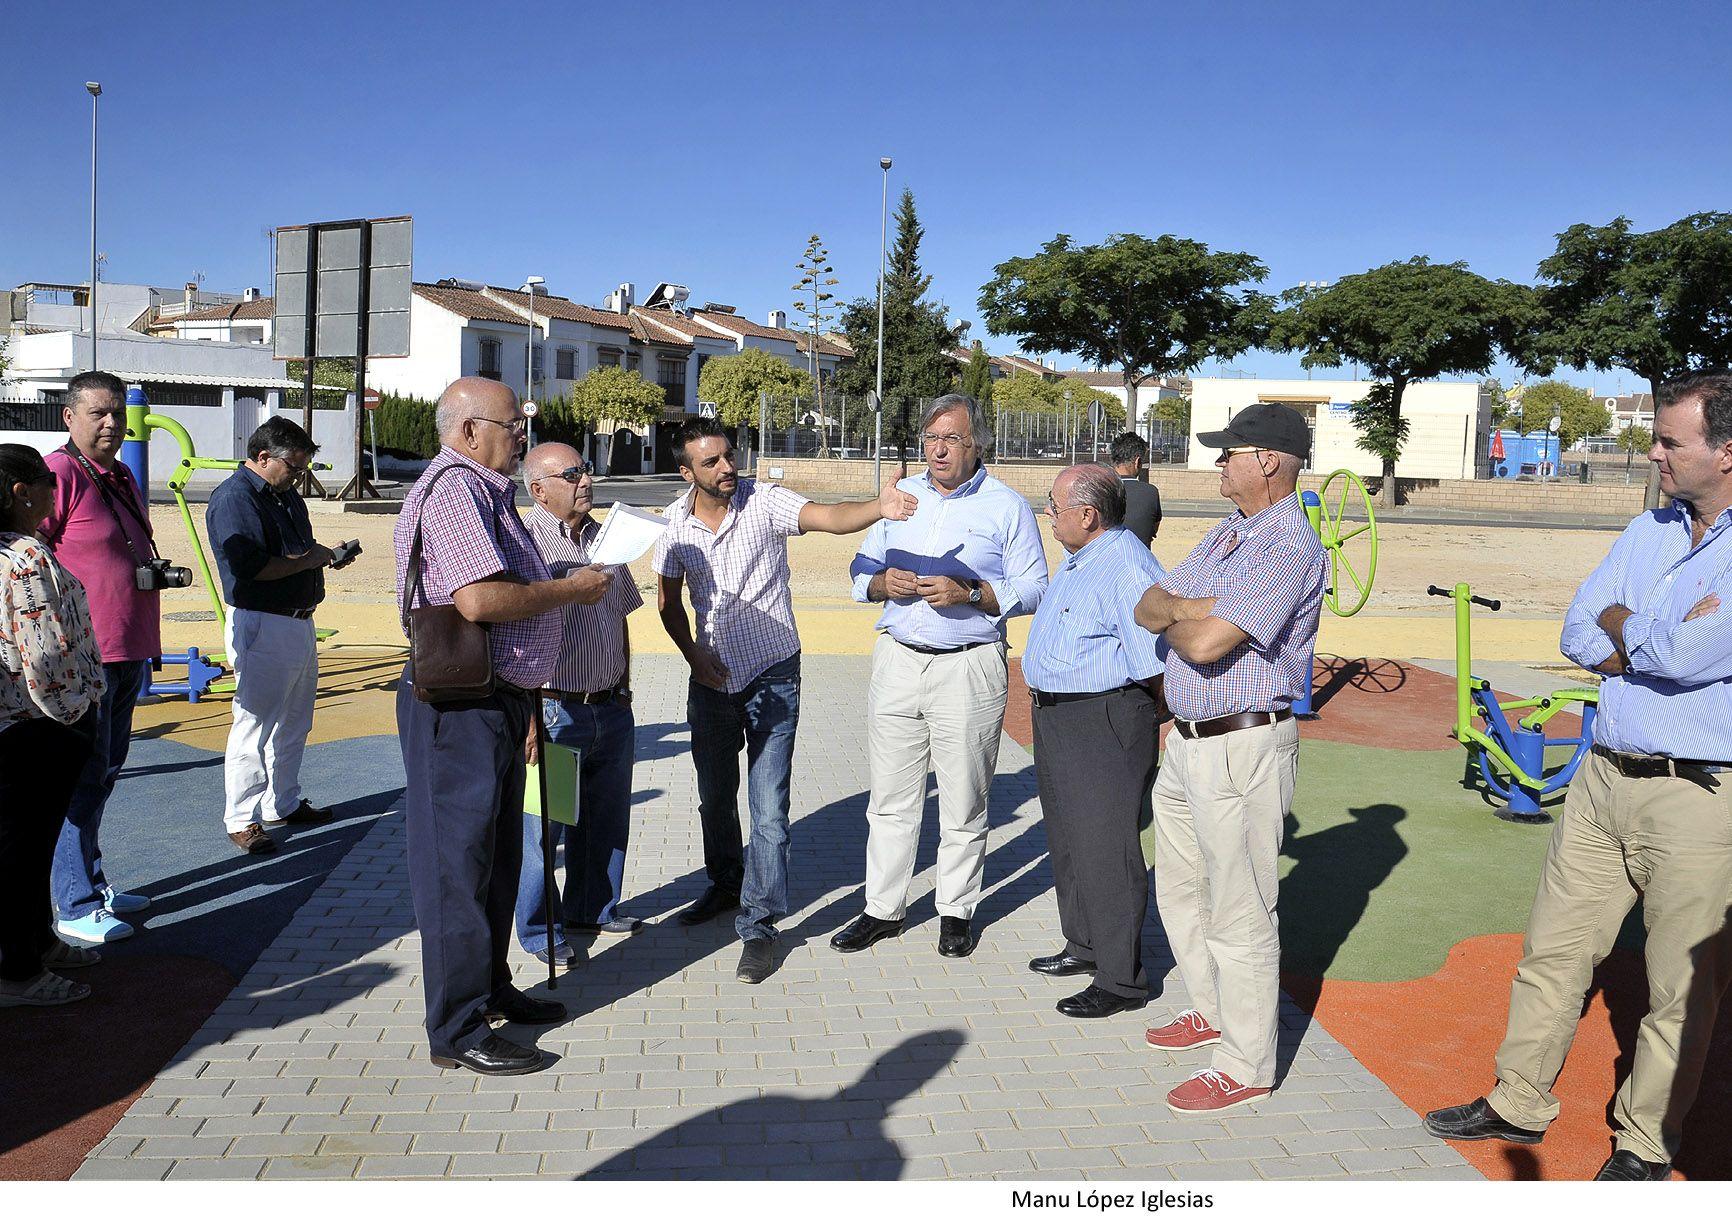 Fco Camas y Jose Antonio Diaz visitan Parque La Marquesa _ 01